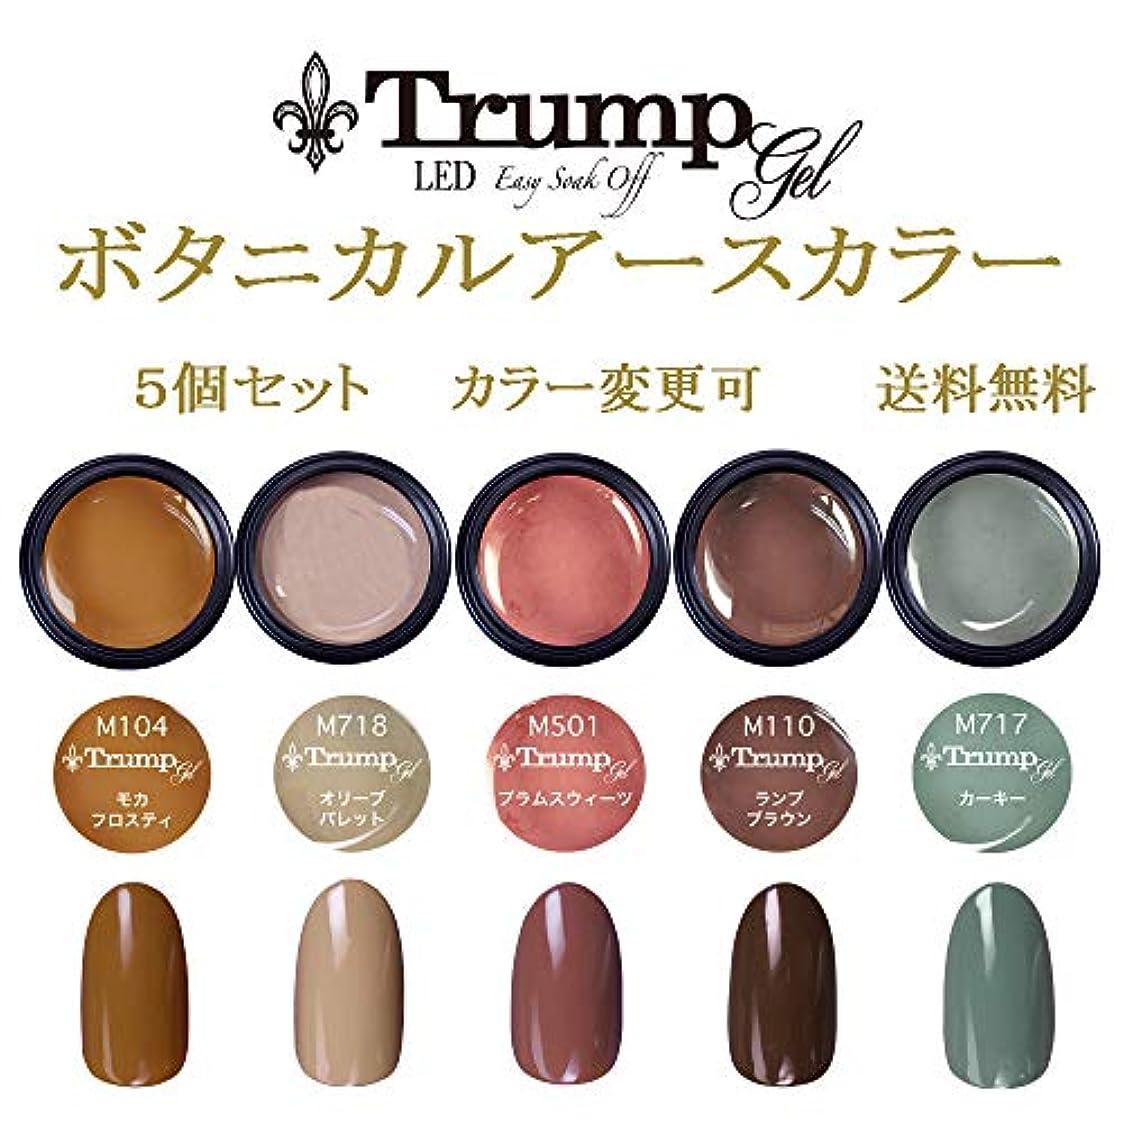 ご注意入り口伴う【送料無料】日本製 Trump gel ボタニカルアースカラージェル5個セット 人気のボタニカルカラーをセット